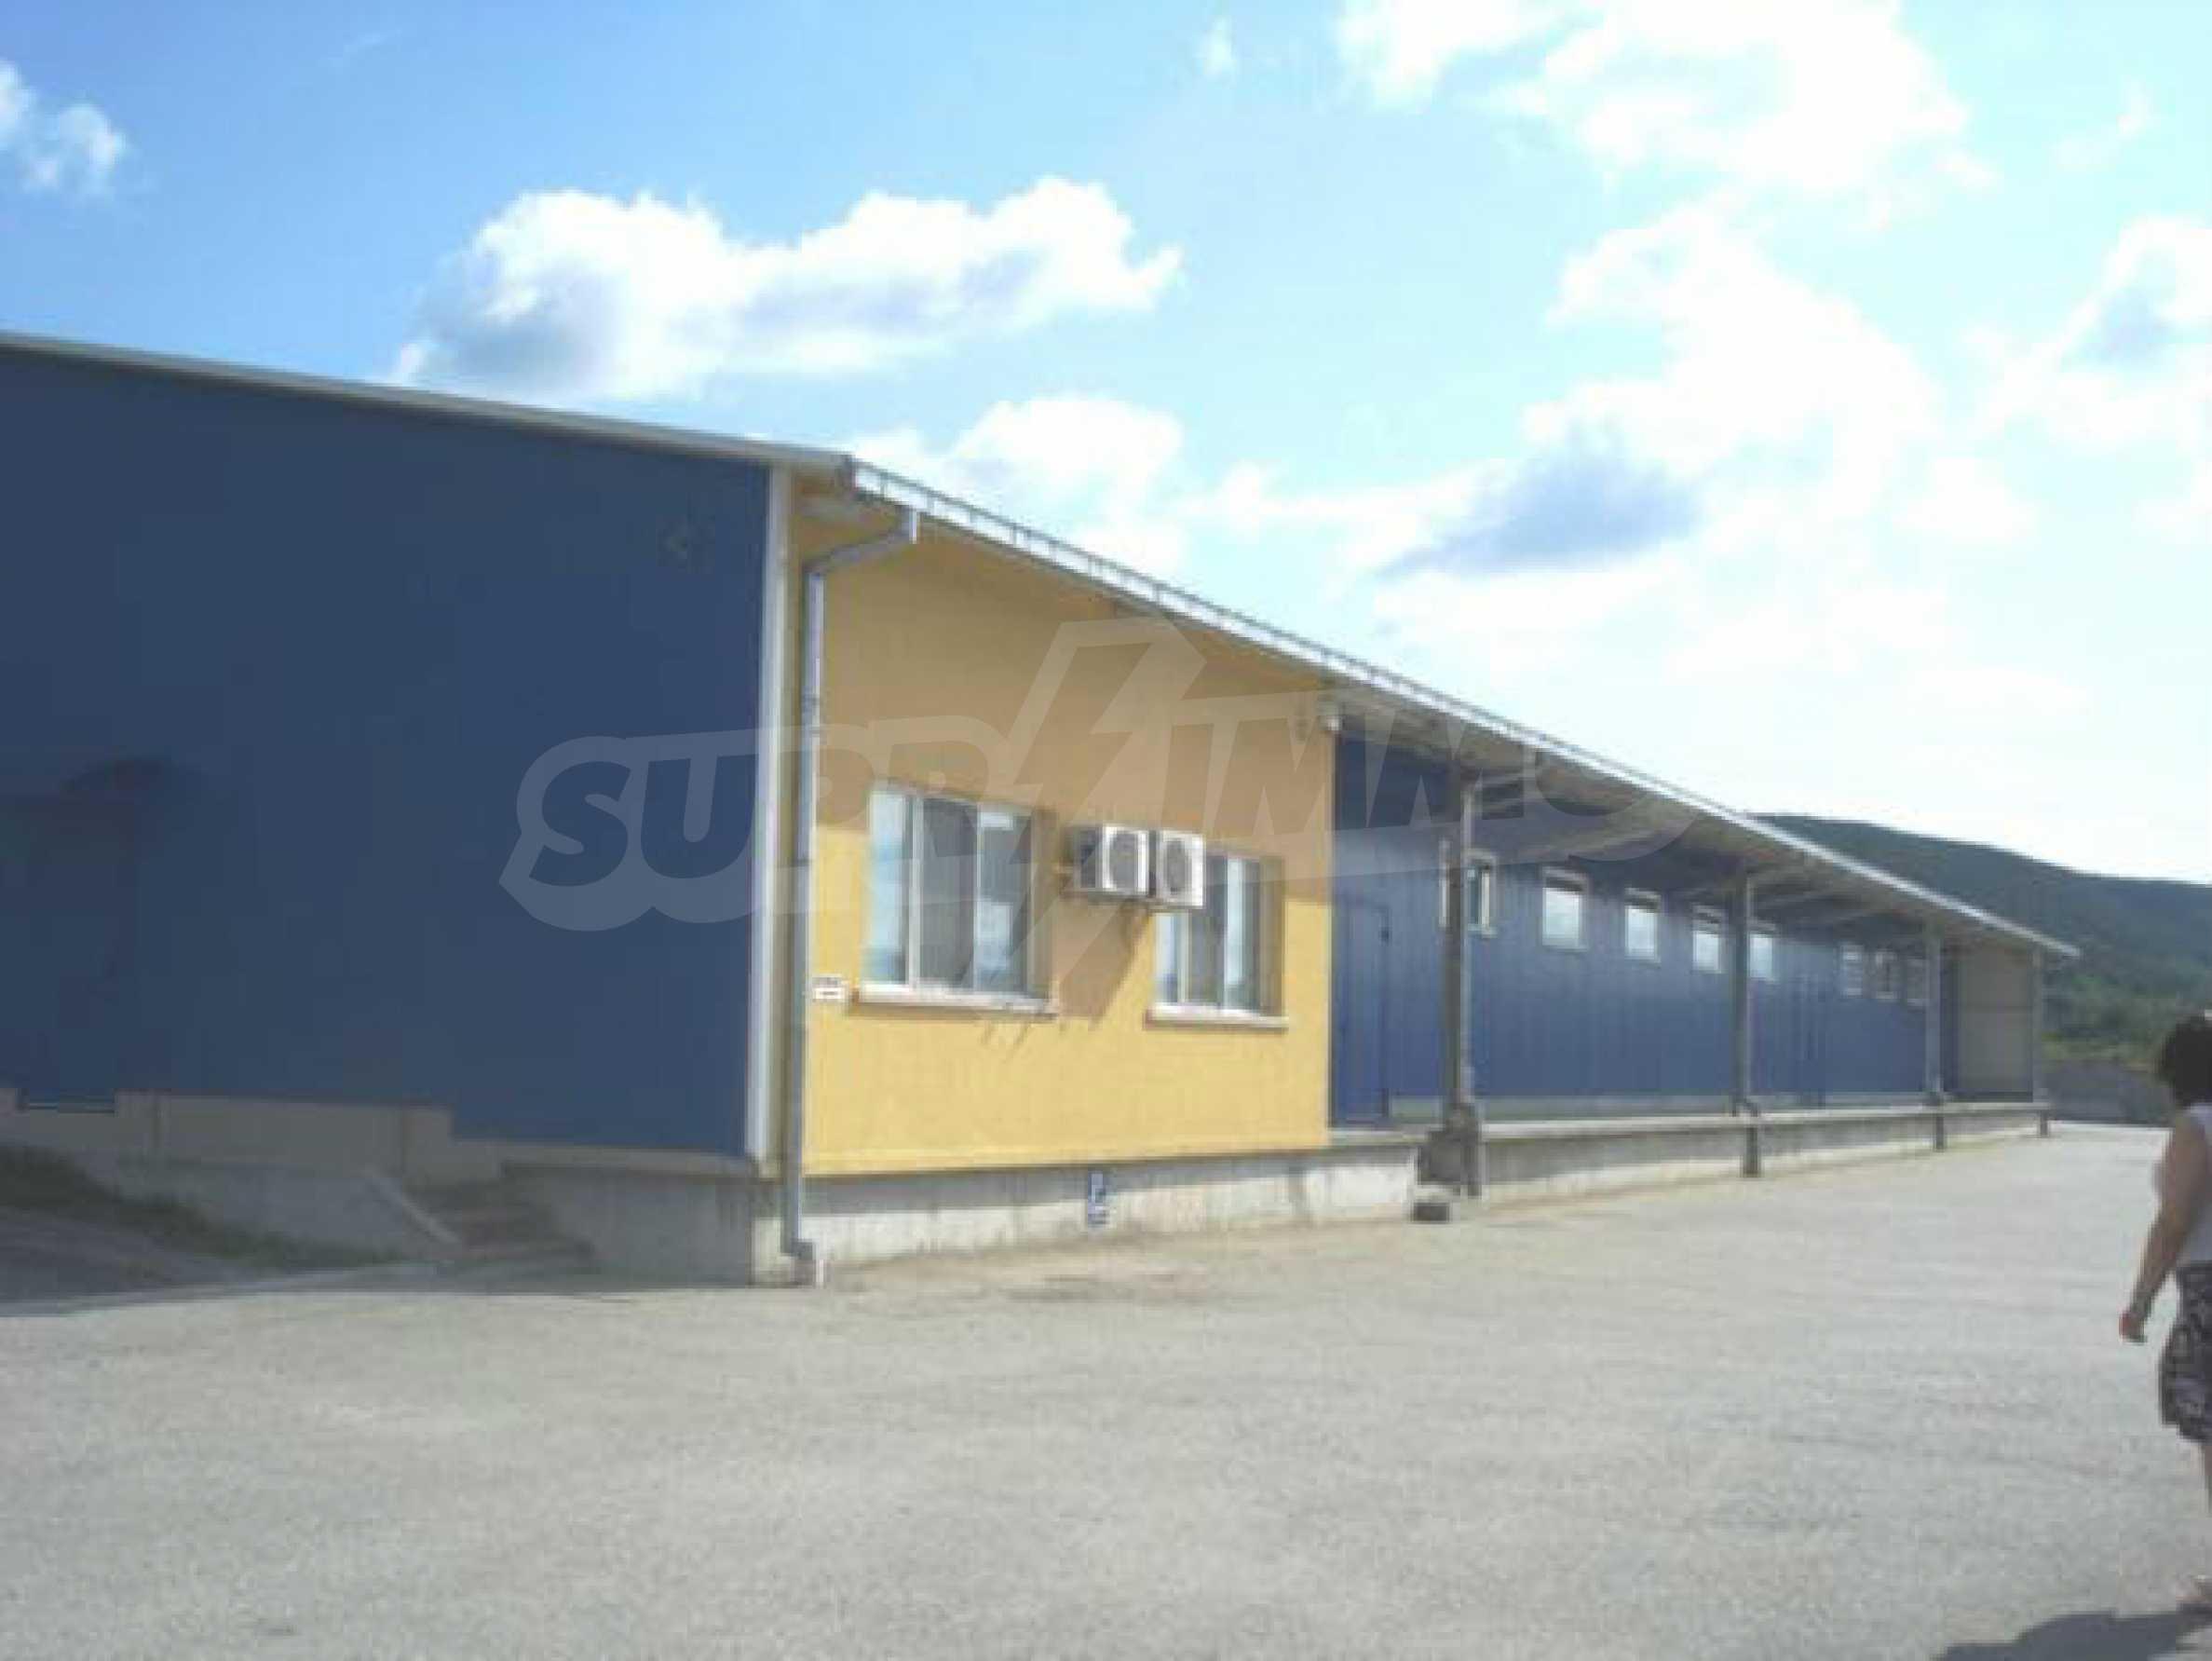 Handels- und Lagerbasis an der Hauptstraße Ruse - Svilengrad 1